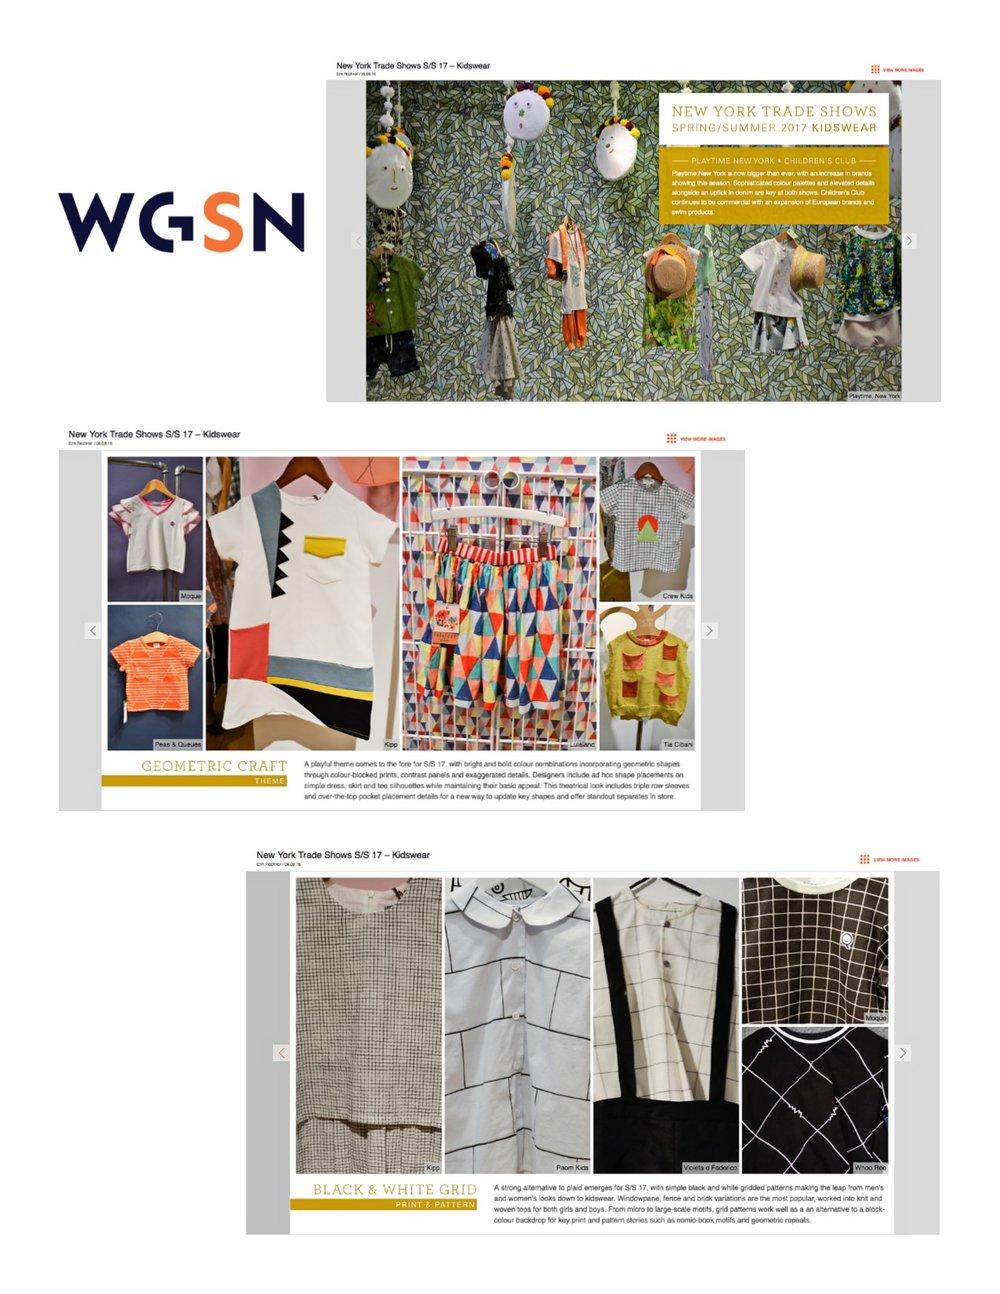 WGSNPressR.jpg